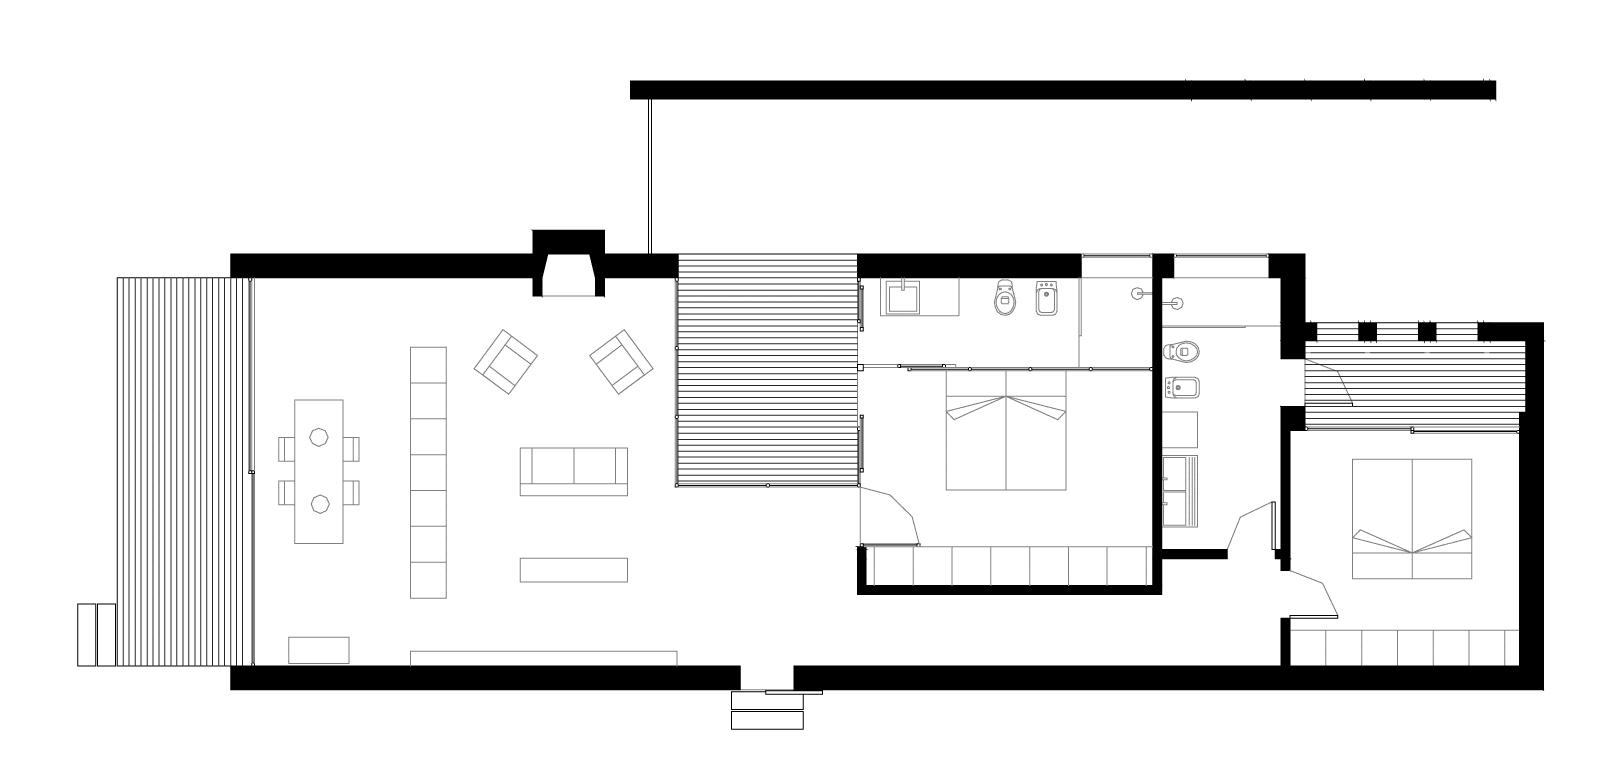 Planos de casa peque a de un piso con cerco perim trico for Vivienda minimalista planos